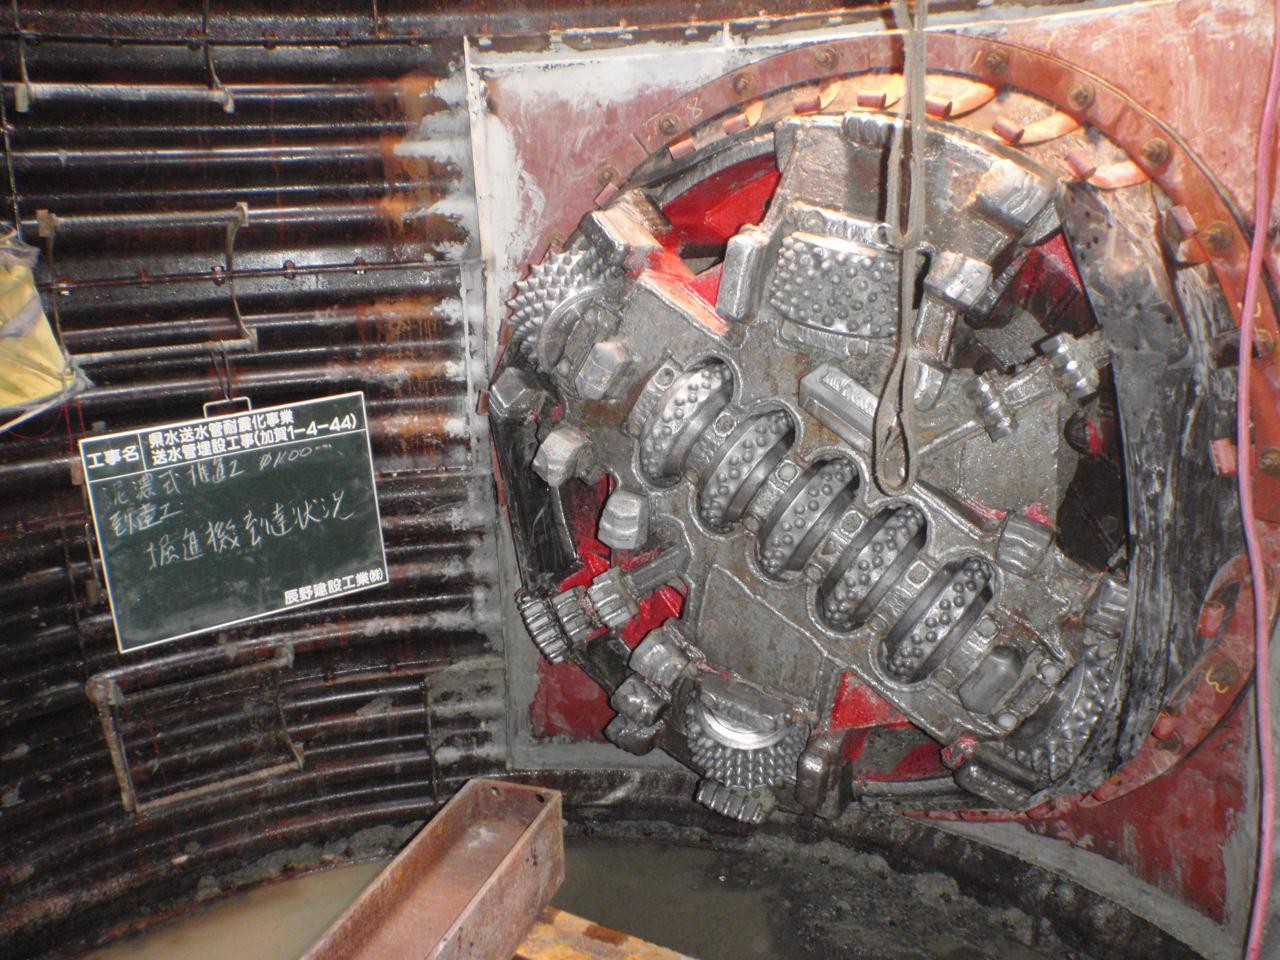 県水送水管耐震化事業 送水管埋設工事(加賀1-4-44) 先導体到達状況